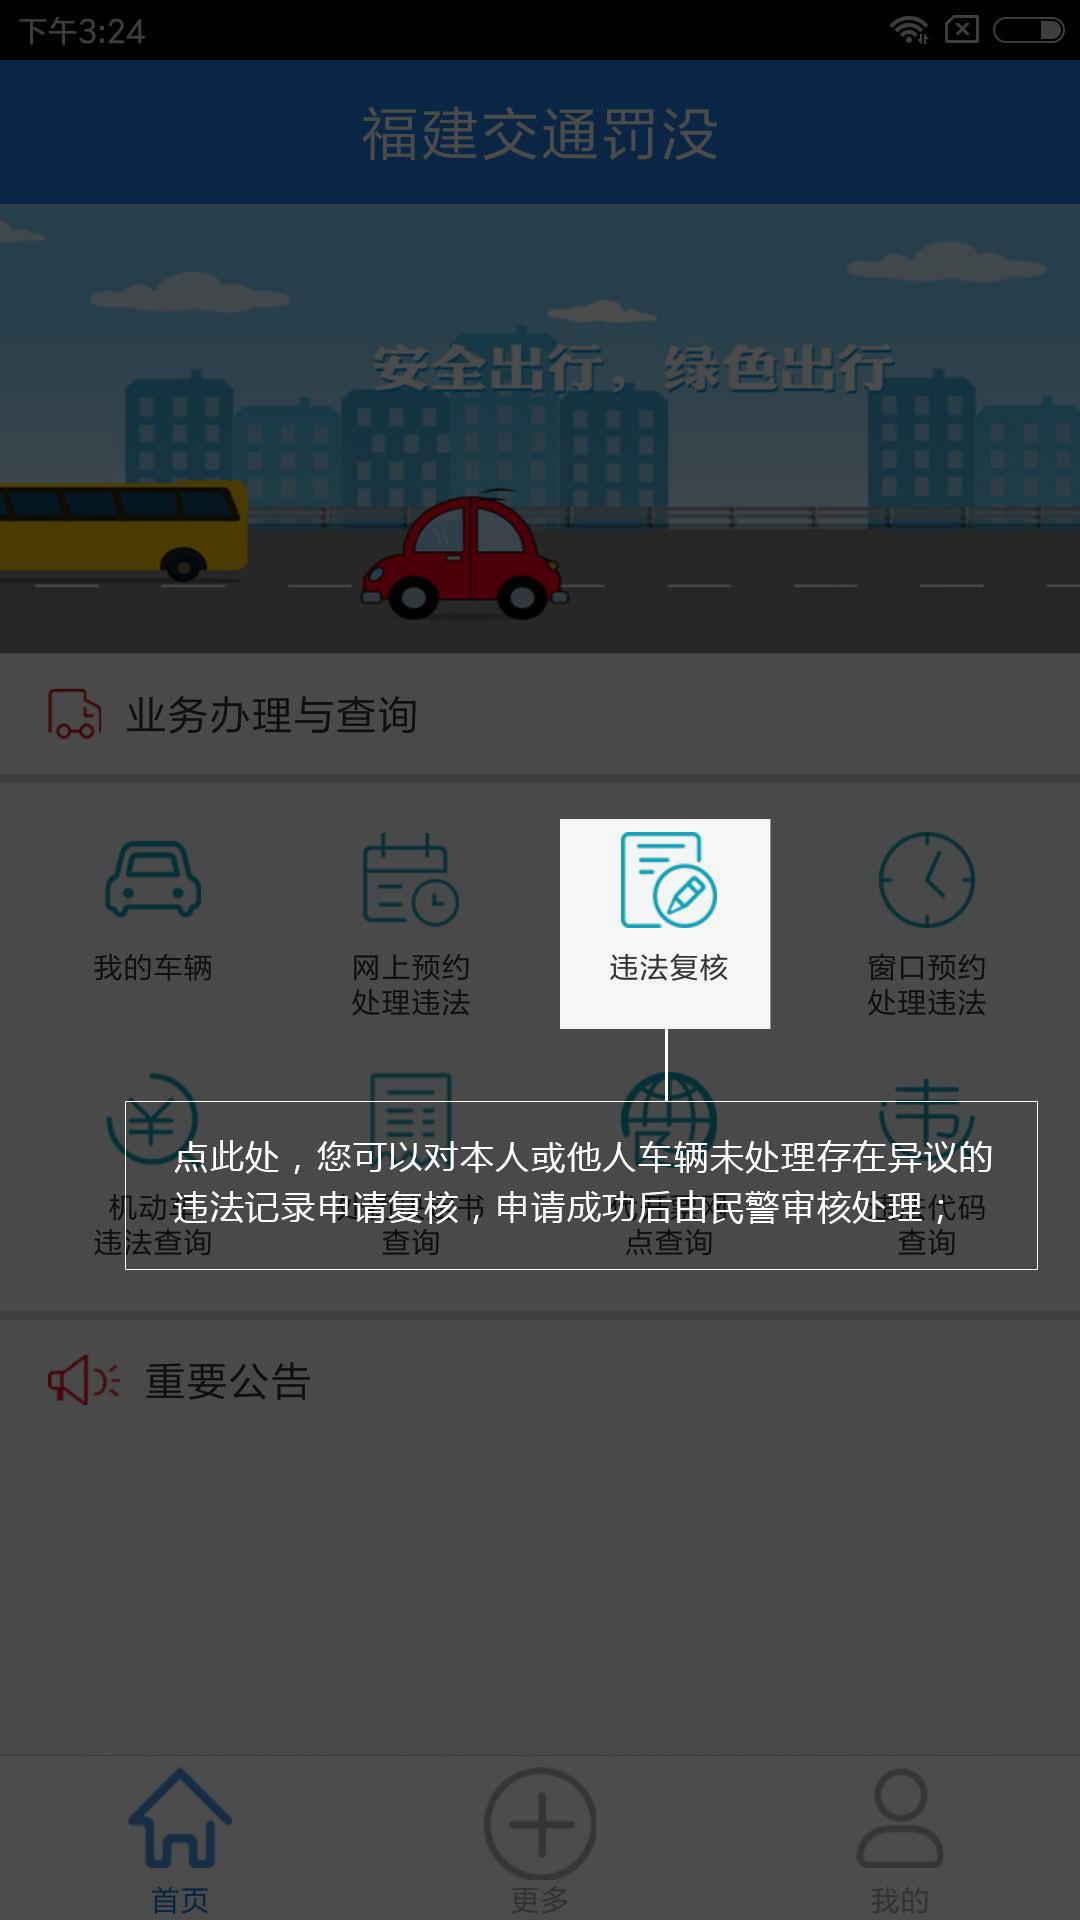 福建交通罚没app截图3